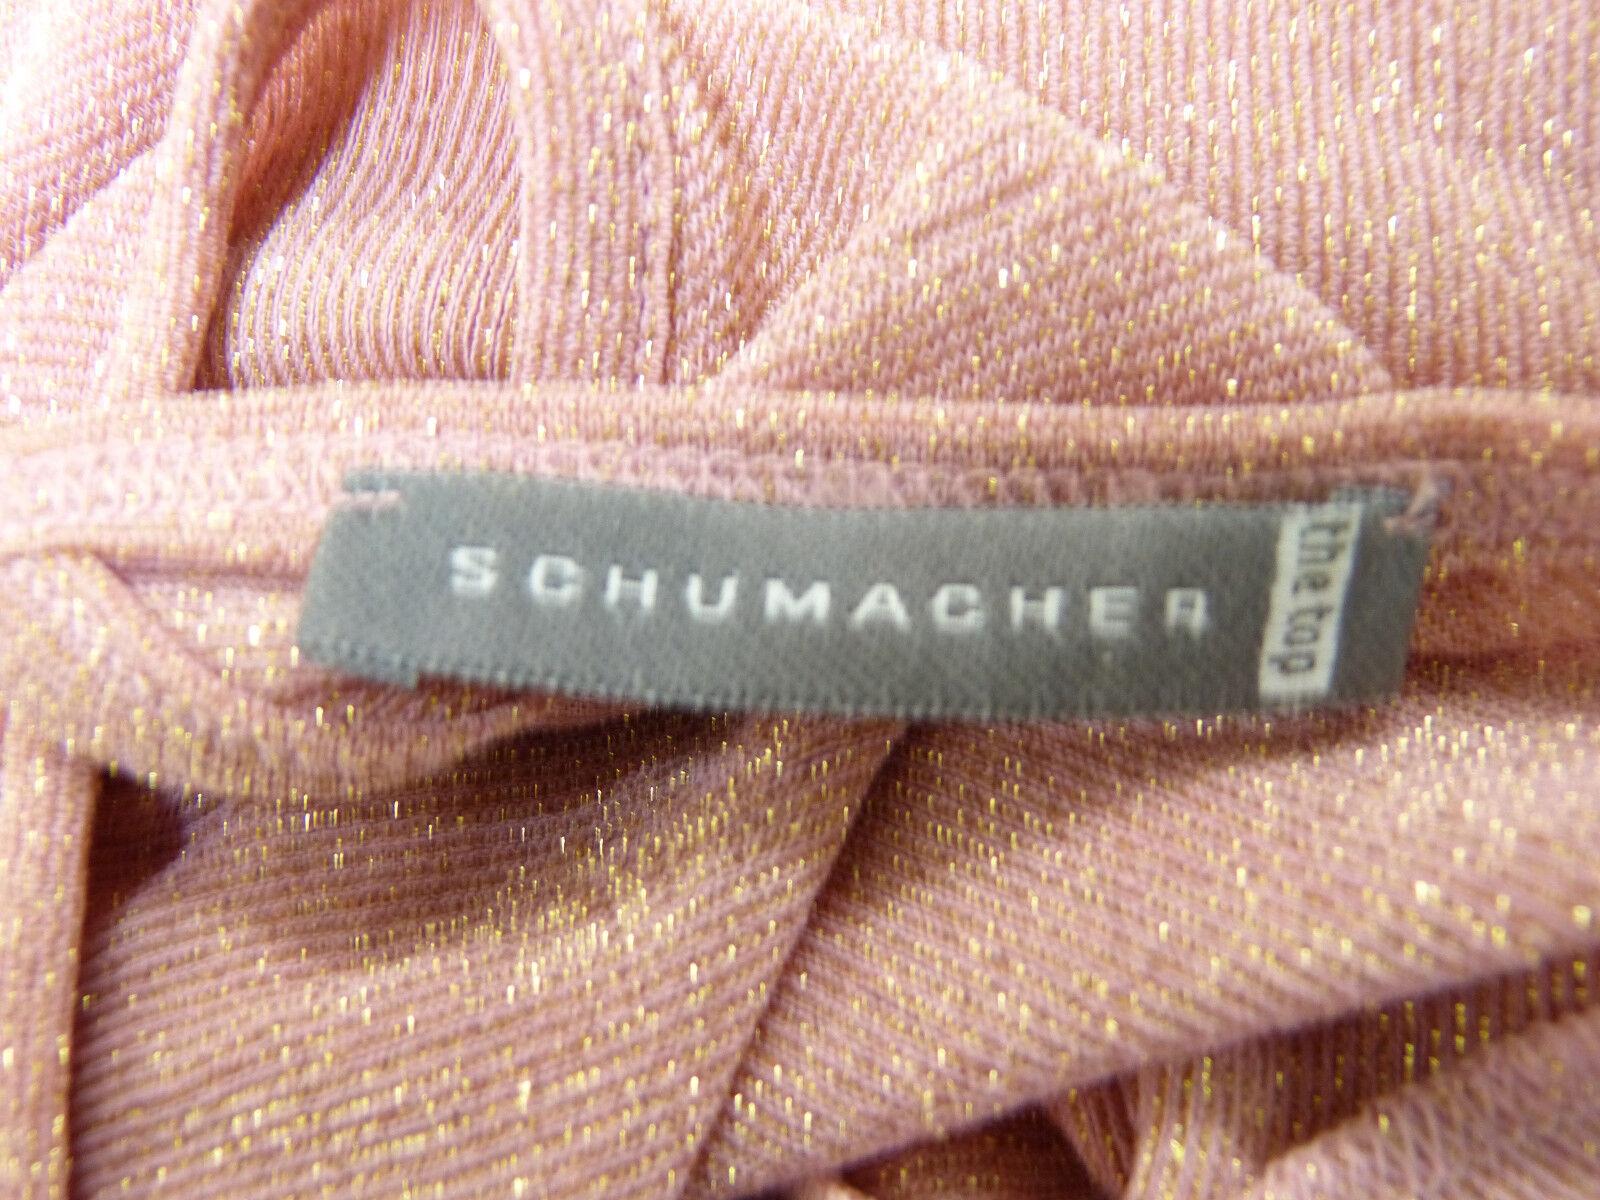 Schumacher Tunica Taglia S rosa Con Con Con Glitter & come nuovo-lusso allo stato puro (m 7898 F) f1aa64